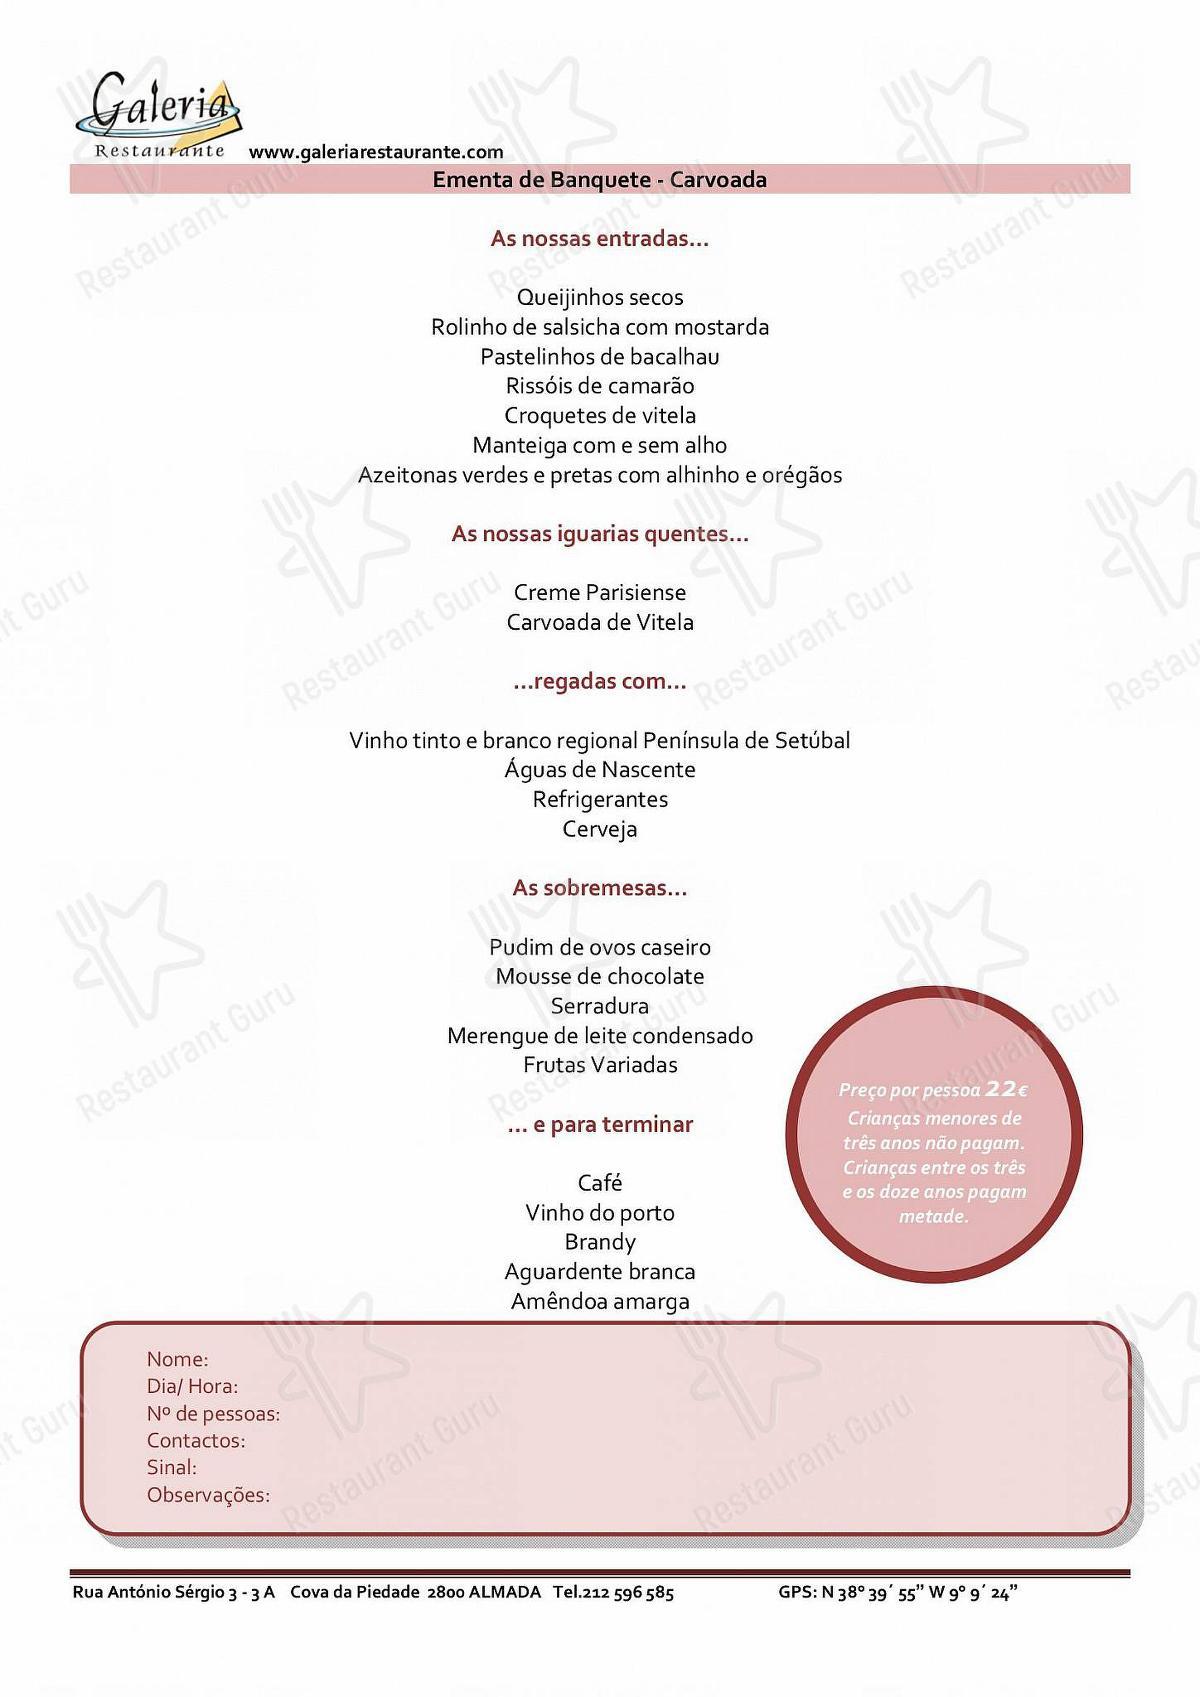 Galeria menu